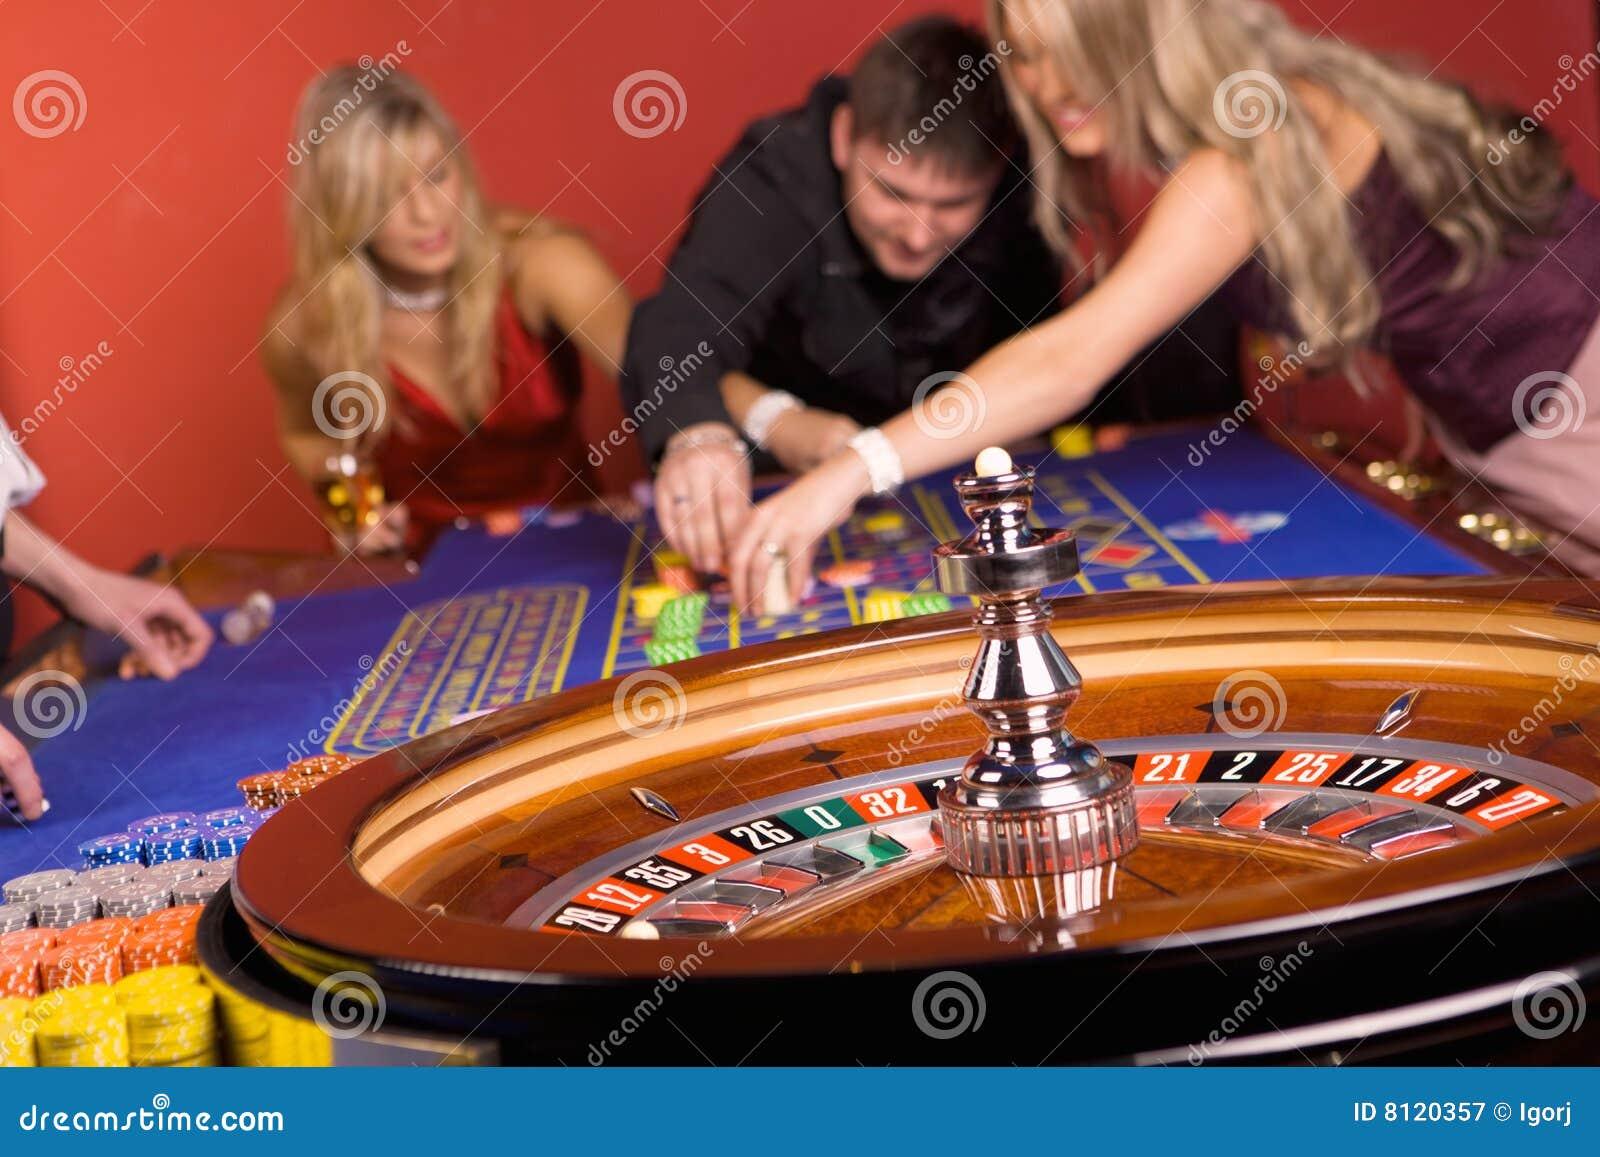 kasino spielen